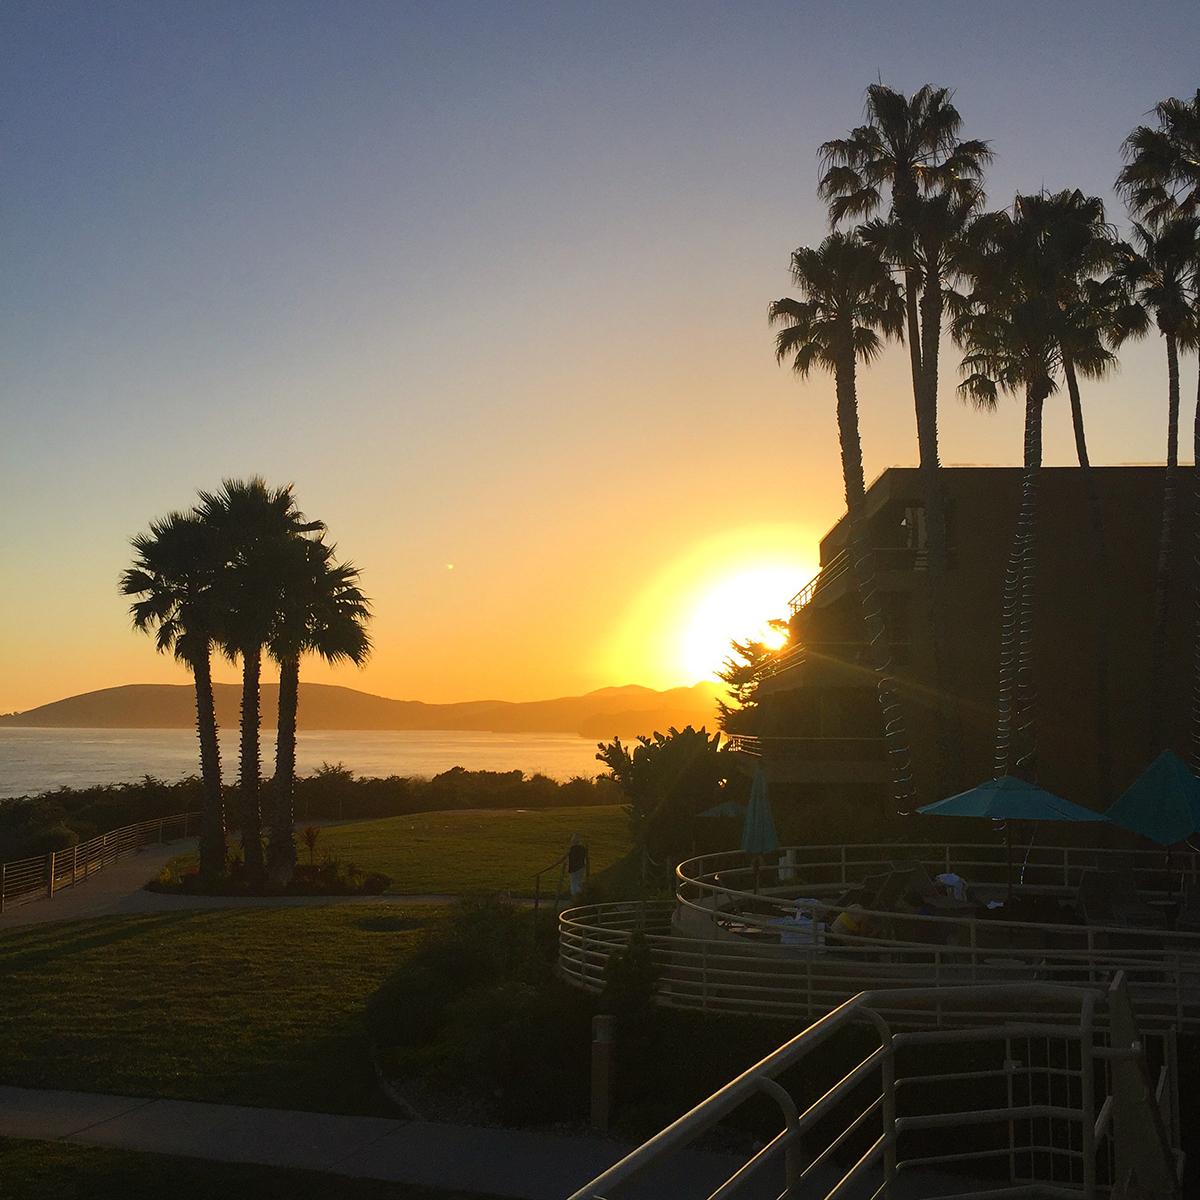 Sunset in Pismo California